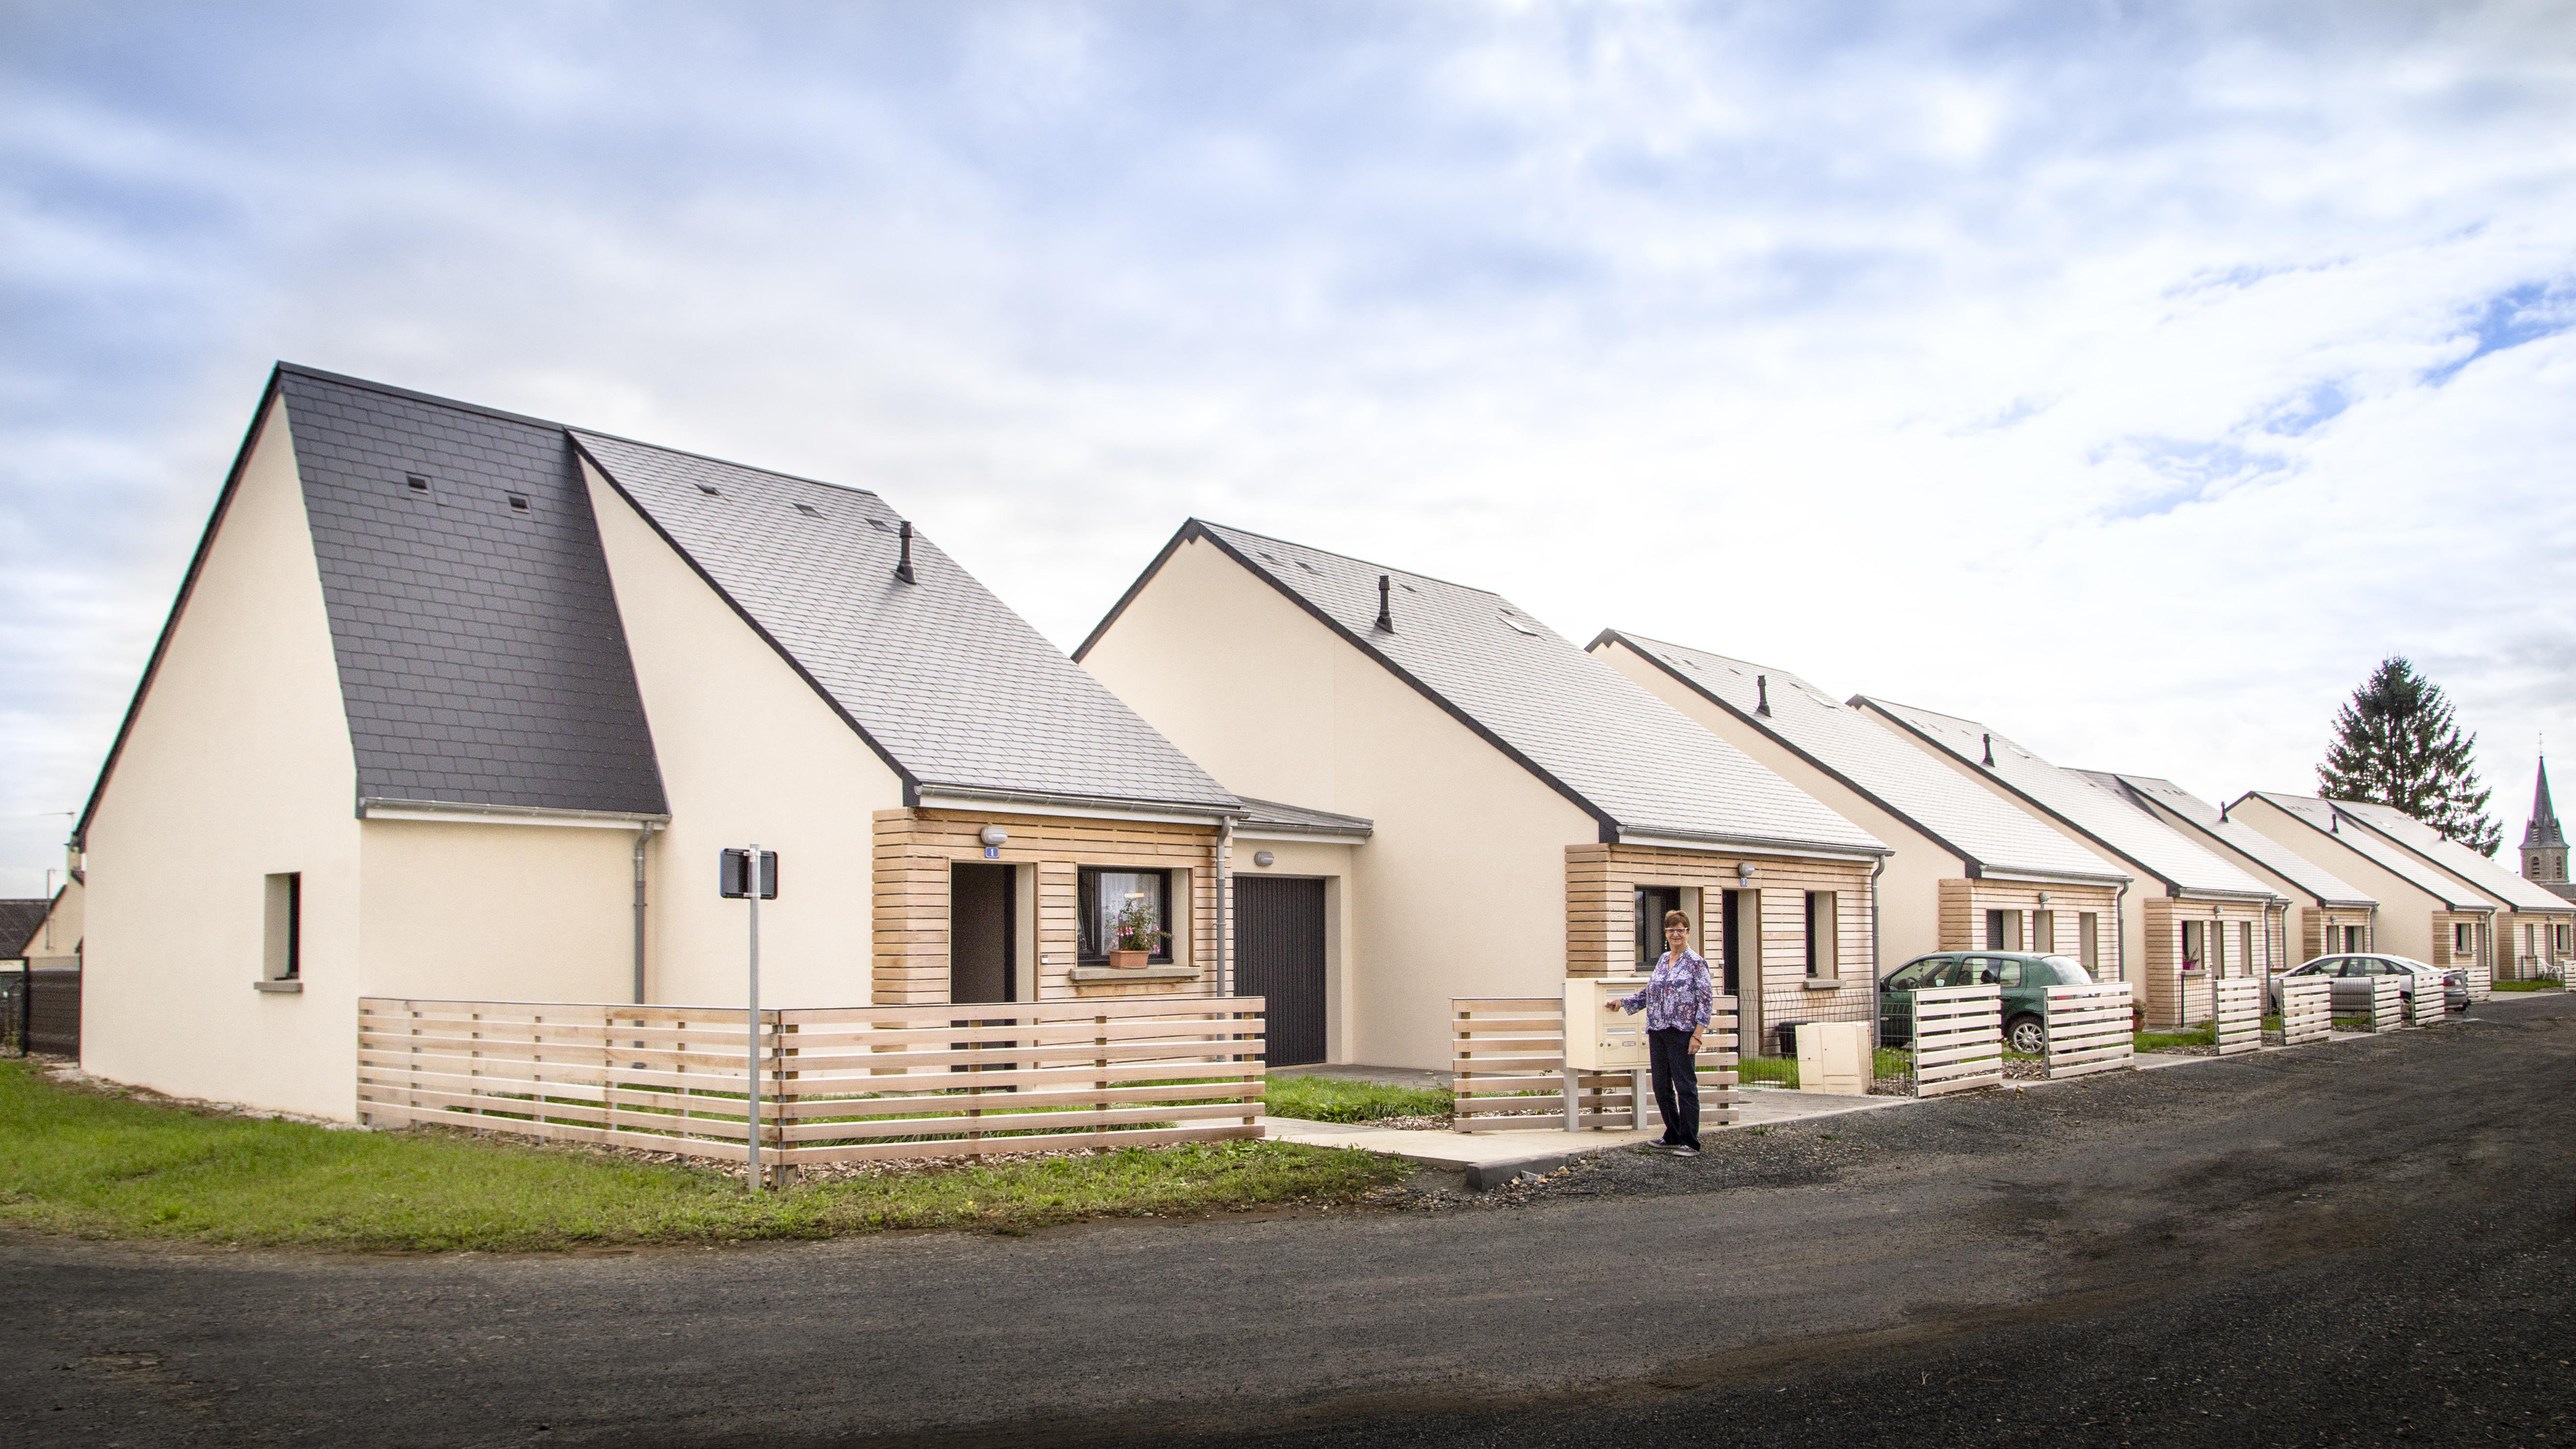 Le Lotissement De La Plaine Des Boulaies Logements Sarthe Habitat En Photos Souge Le Ganelon